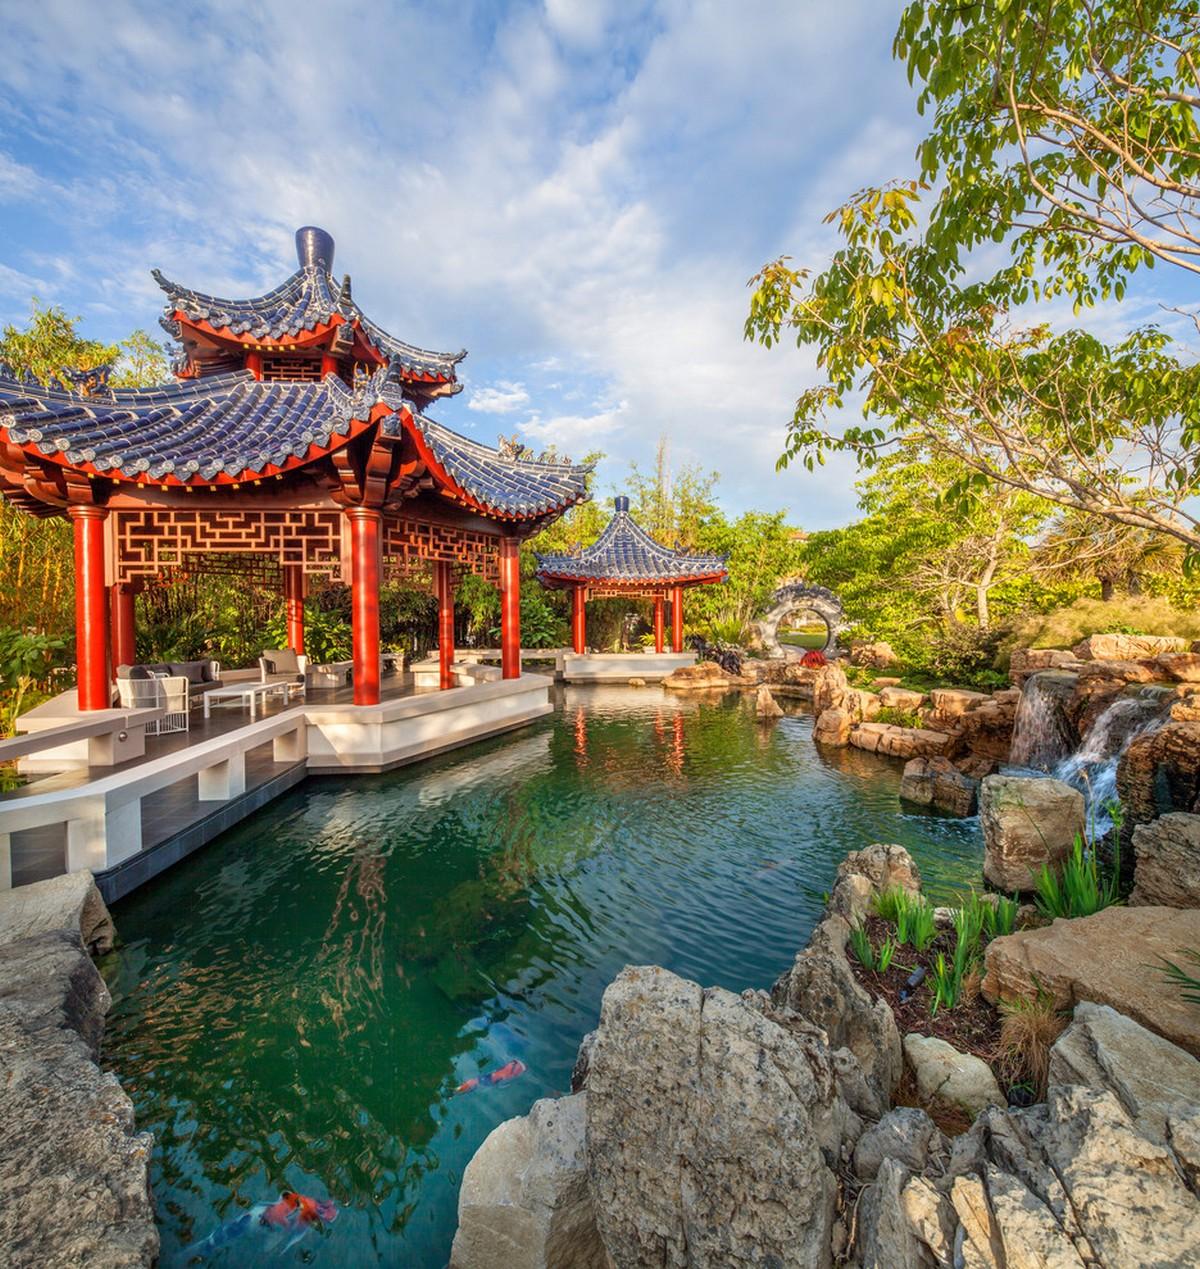 ландшафтный дизайн садового участка японский стиль